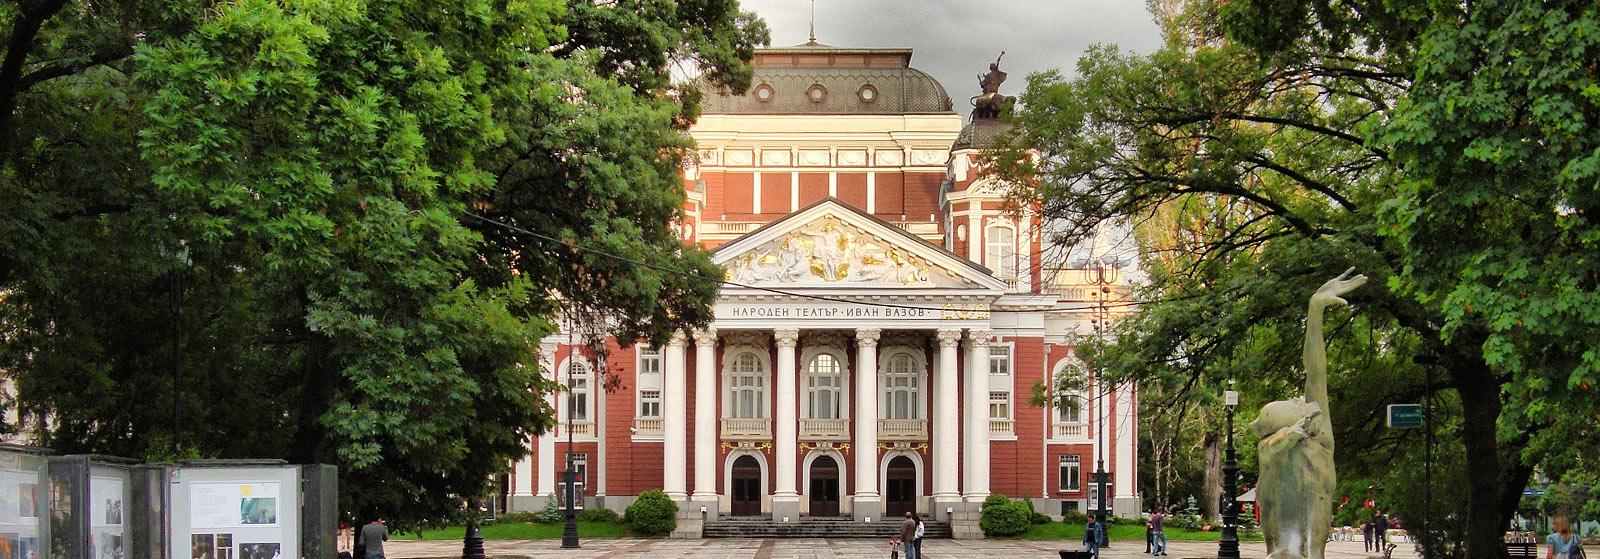 """Повечето културни институции на столицата - театри, музеи, галерии, концертни зали се намират в район """"Средец"""", както и уникални архиктектурни паметници"""